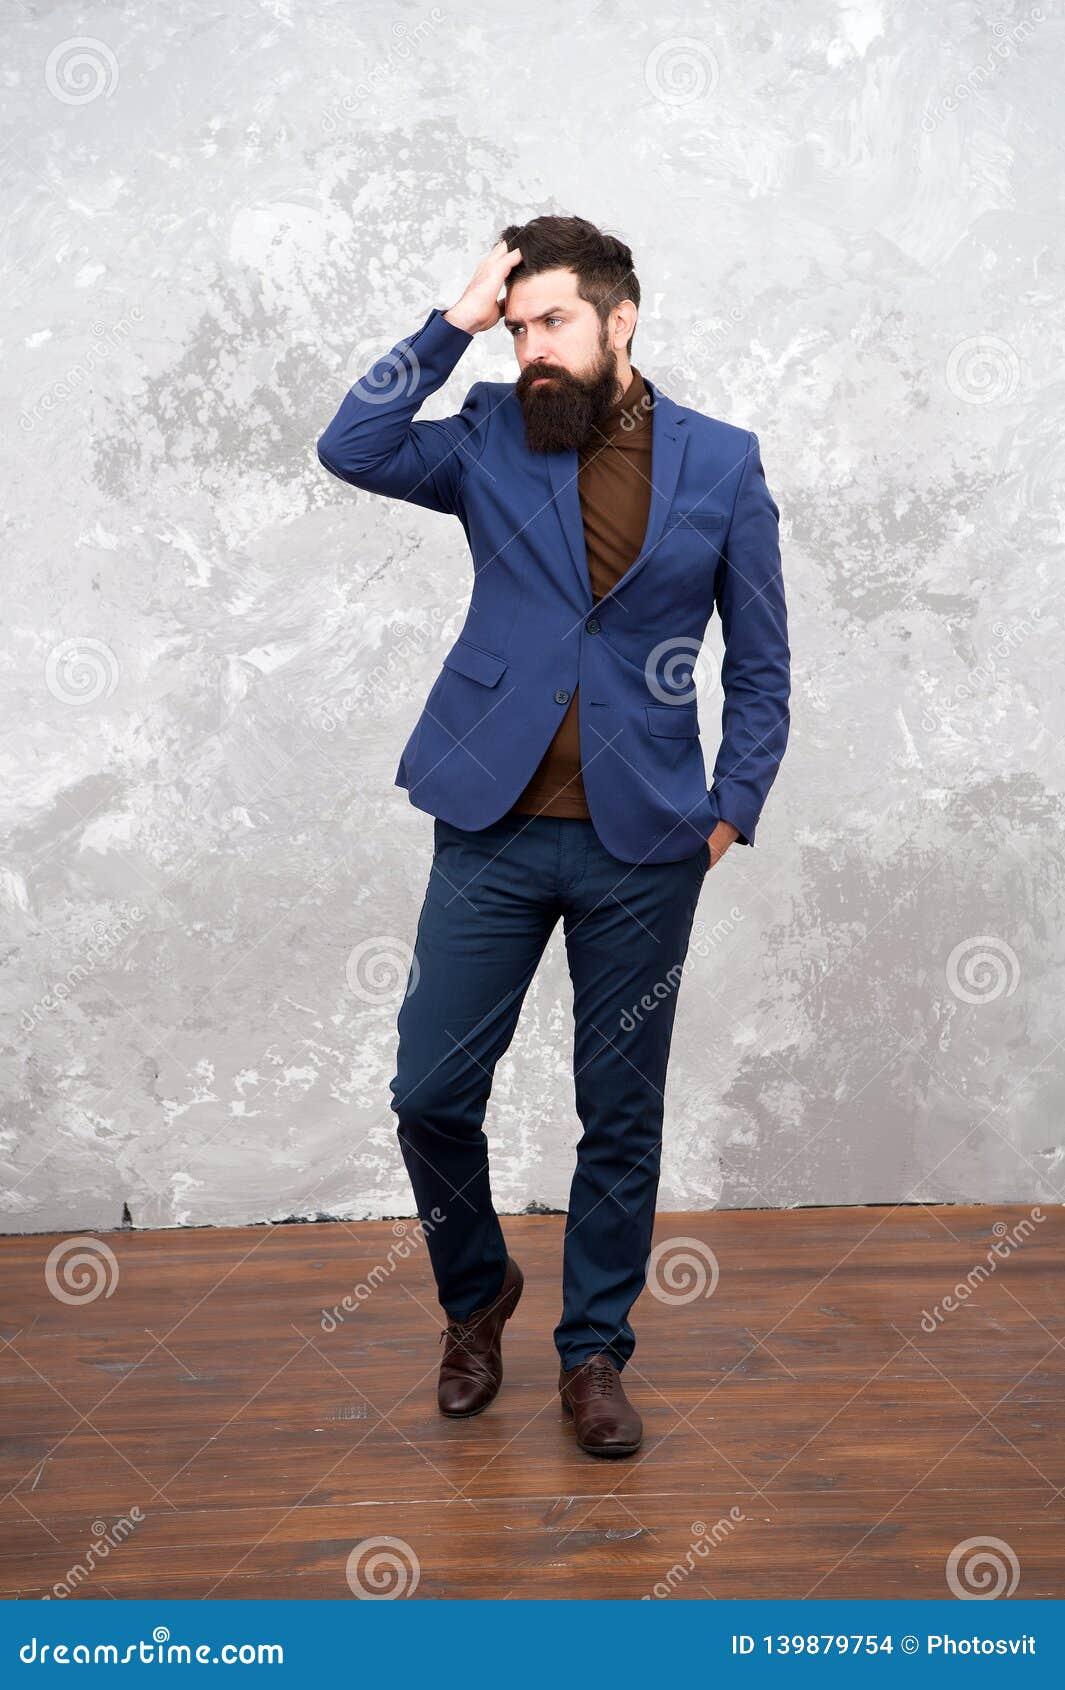 Elegância e estilo masculino Fundo cinzento do equipamento elegante do homem de negócios ou do anfitrião Conceito da forma Estilo